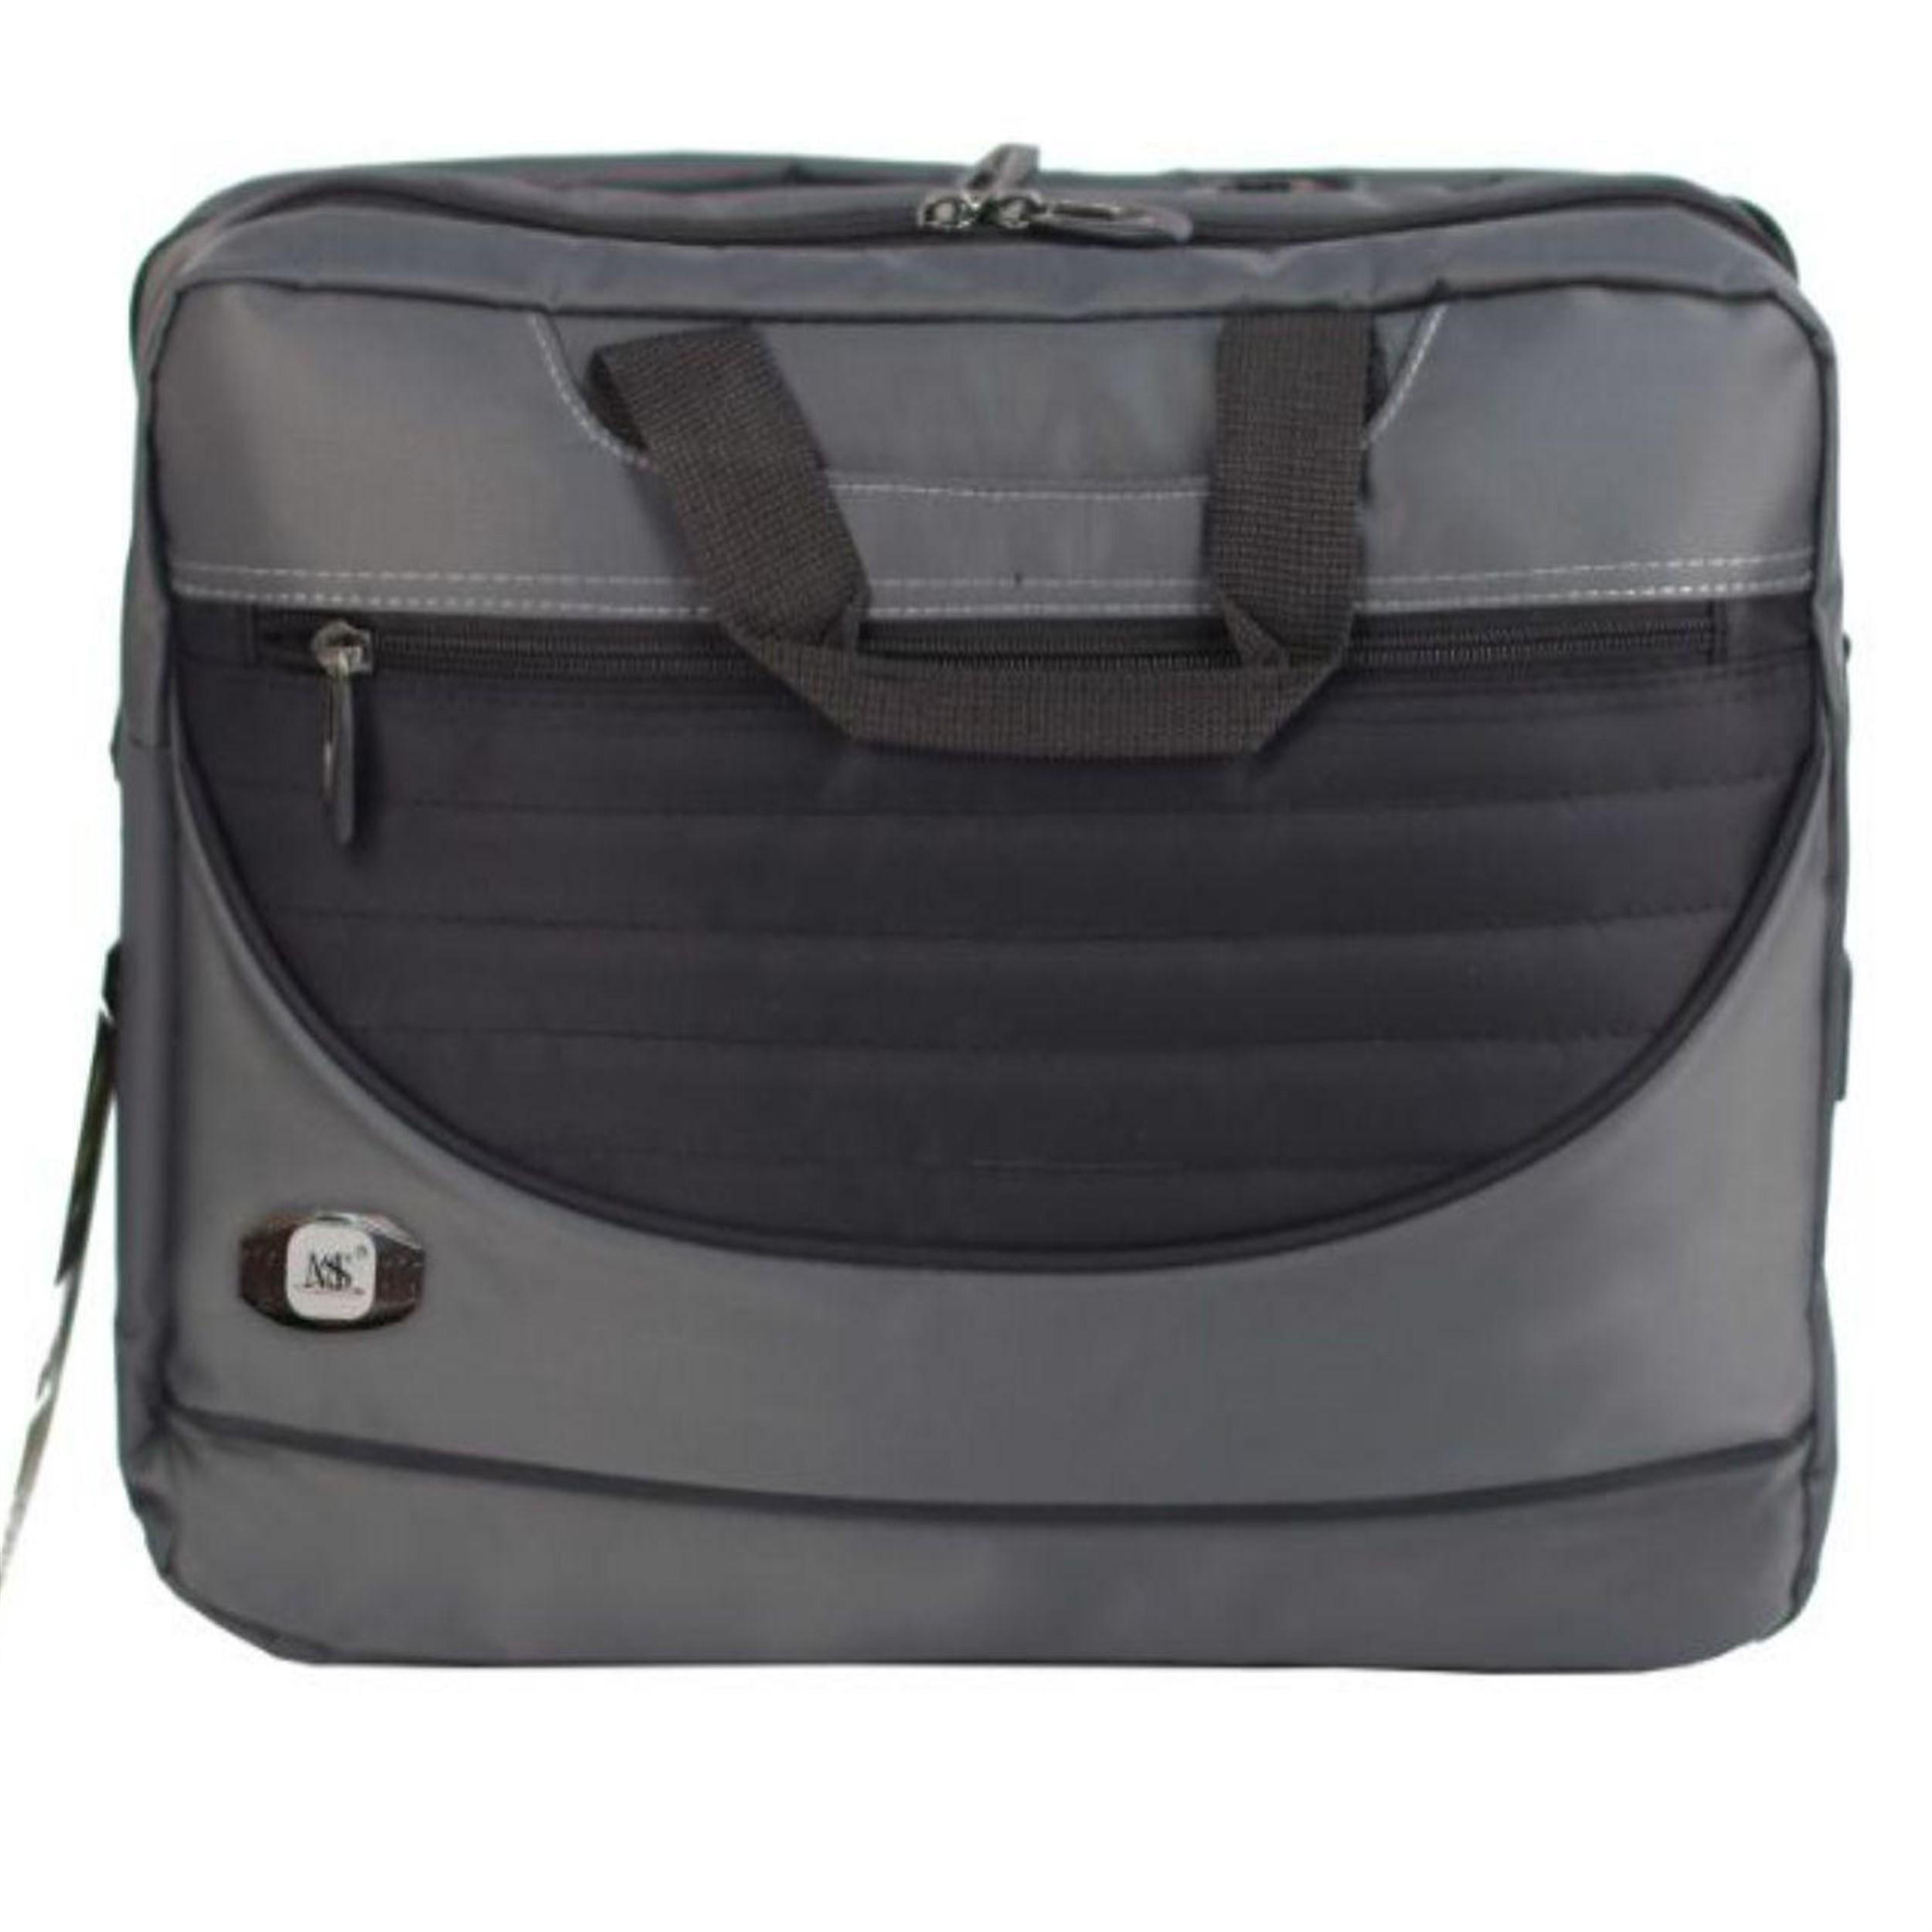 کیف لپ تاپ ام اند اس مدل 8718 AR مناسب برای لپ تاپ 15.6 اینچ